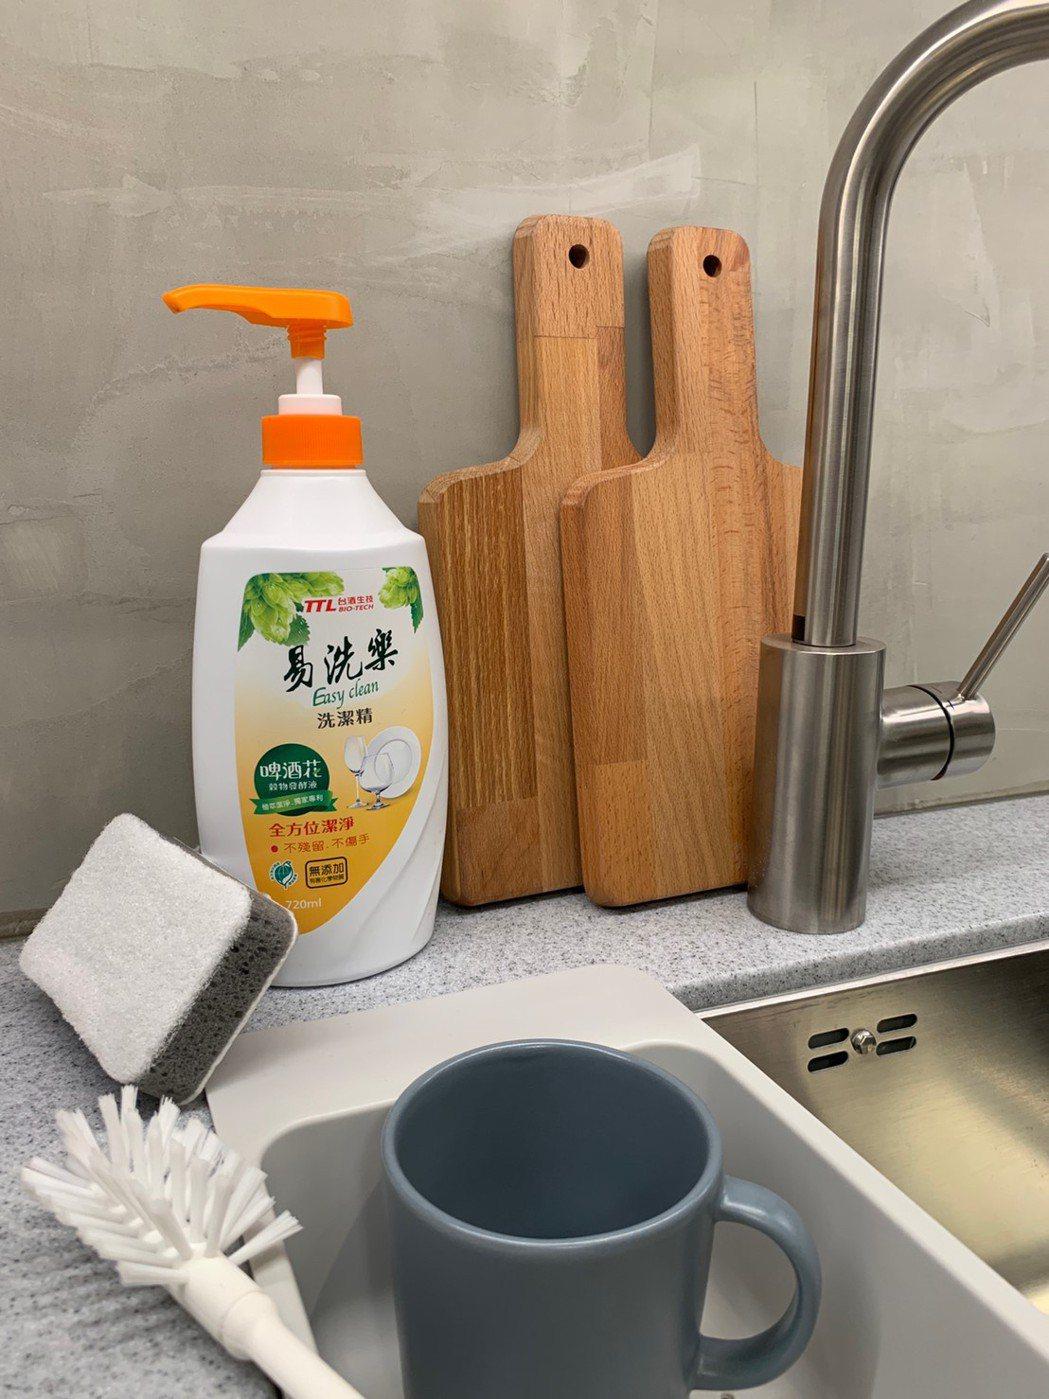 易洗樂洗潔精內容物使用後排水,容易被環境中自然微生物分解,不造成環境污染。台酒生...